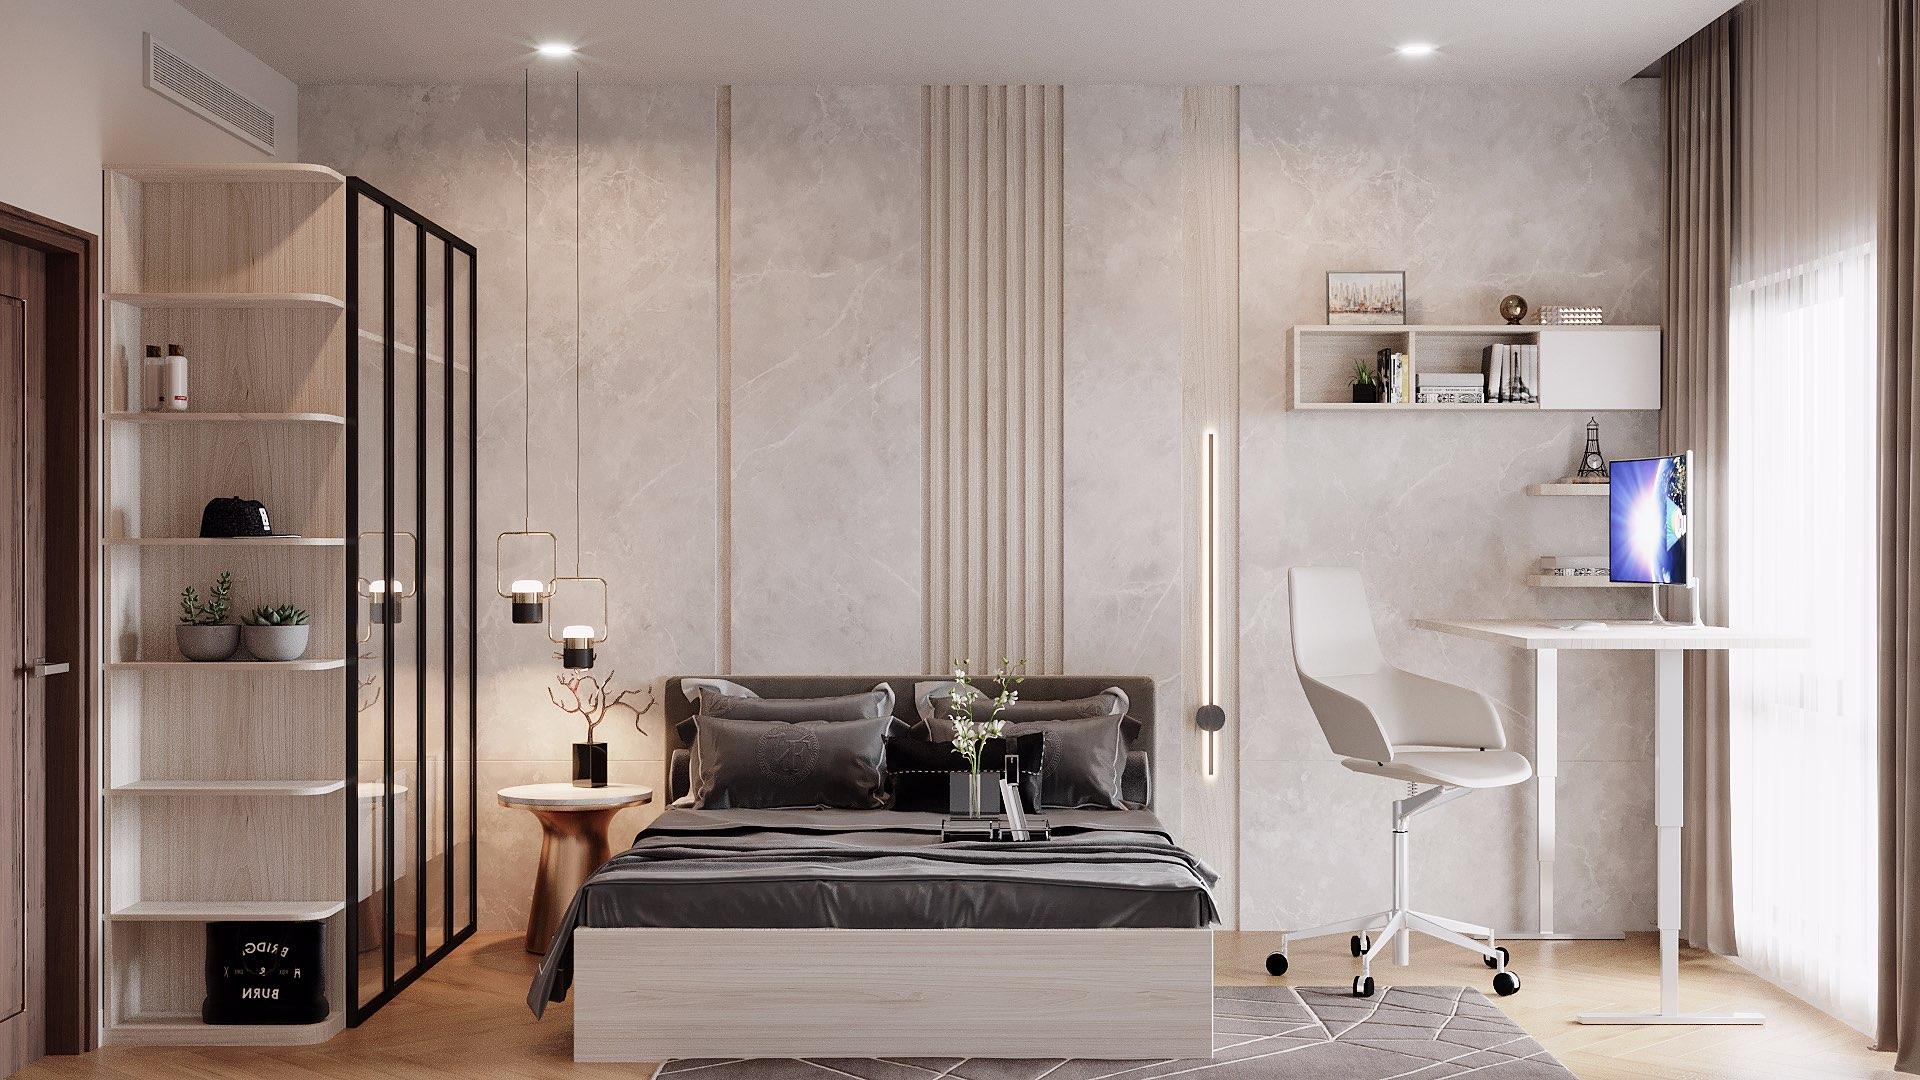 Các mẫu giường gỗ công nghiệp thường có màu sắc khá bắt mắt và đa dạng.